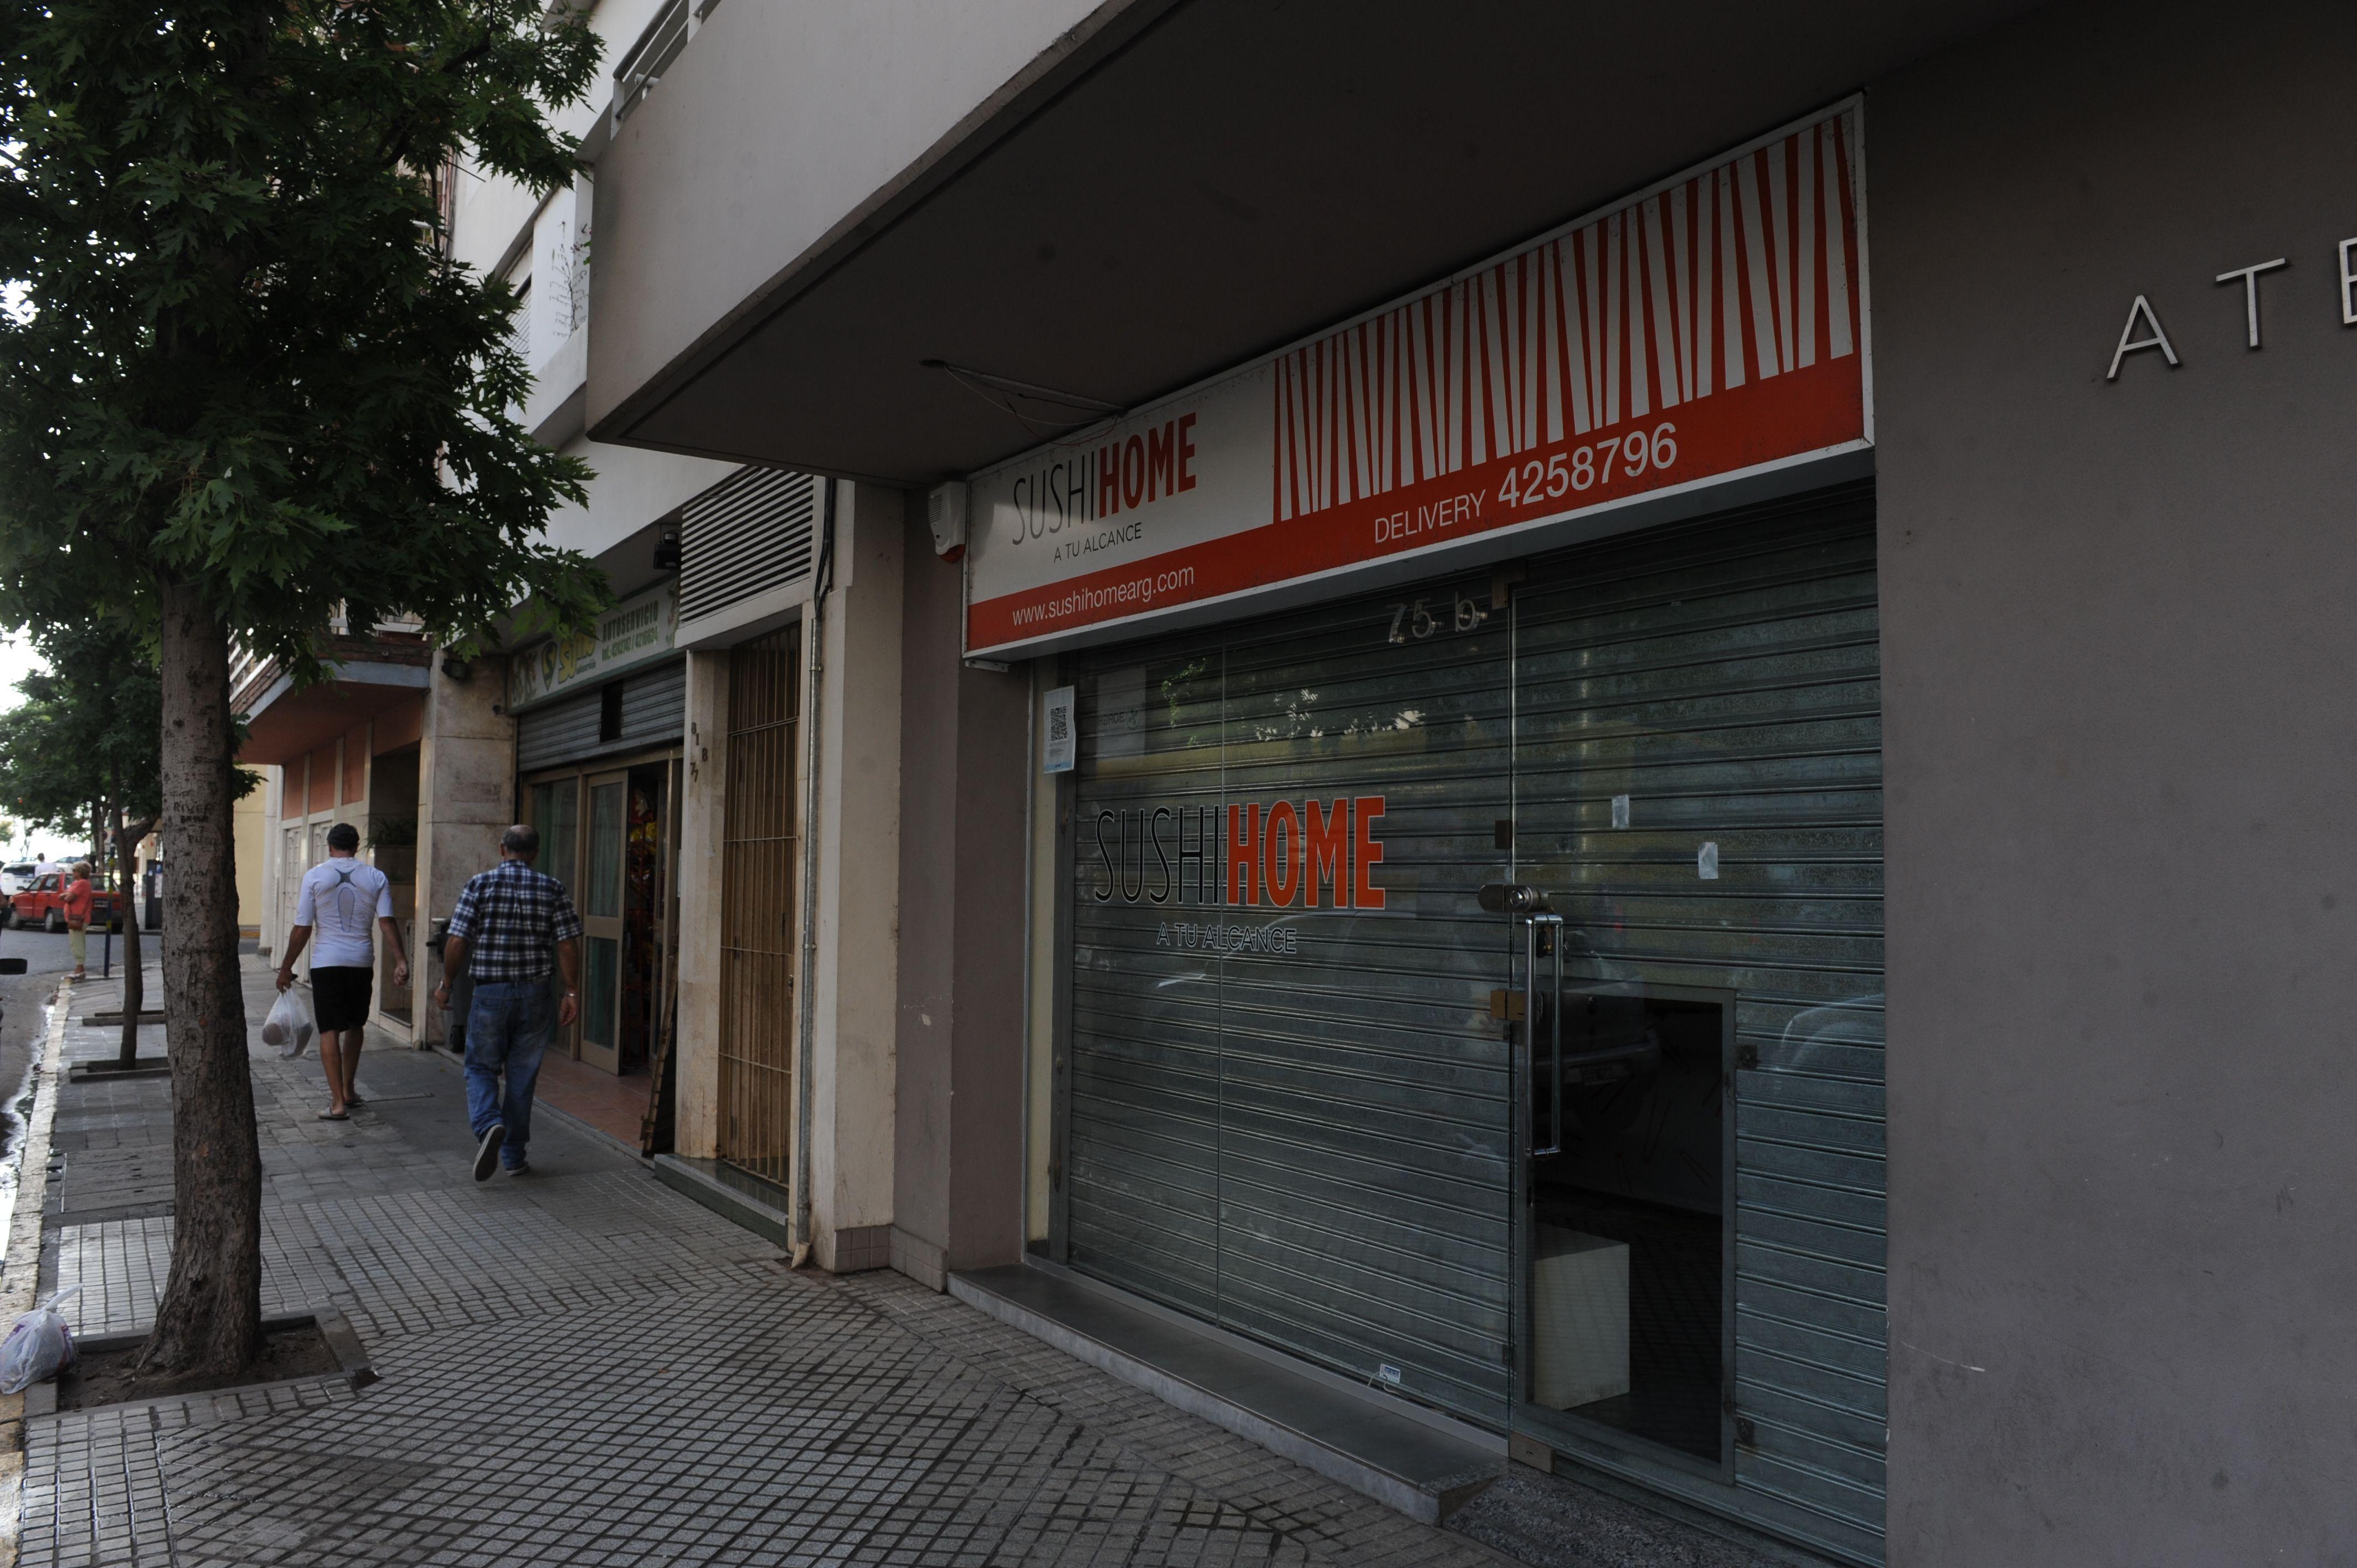 El local asaltado anoche en Moreno al 75 bis. (Foto: Sergio Toriggino)